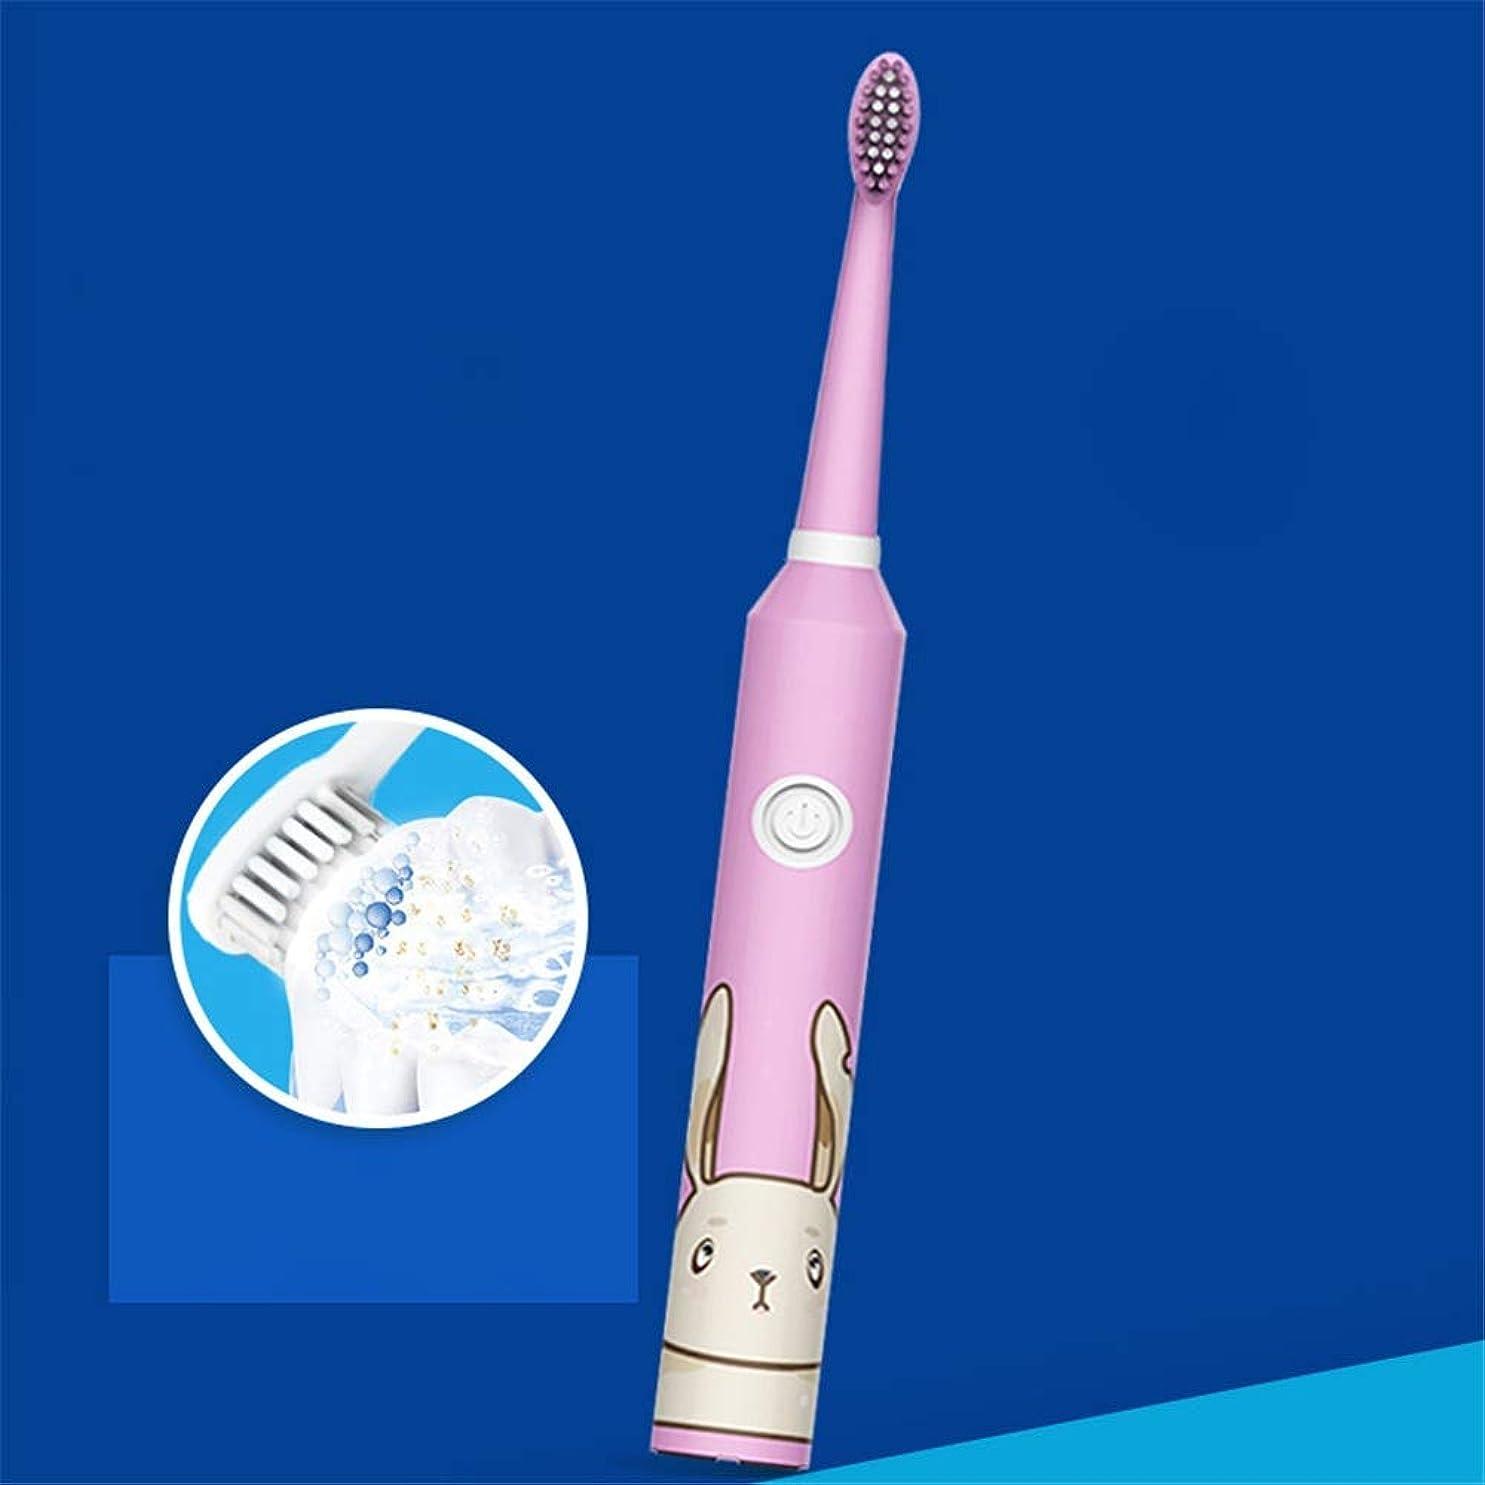 メンタリティ息苦しい輸送耐久性のある子供用電動歯ブラシ防水保護ホワイトニングソフトヘア歯ブラシ 完璧な旅の道連れ (色 : ピンク, サイズ : Free size)